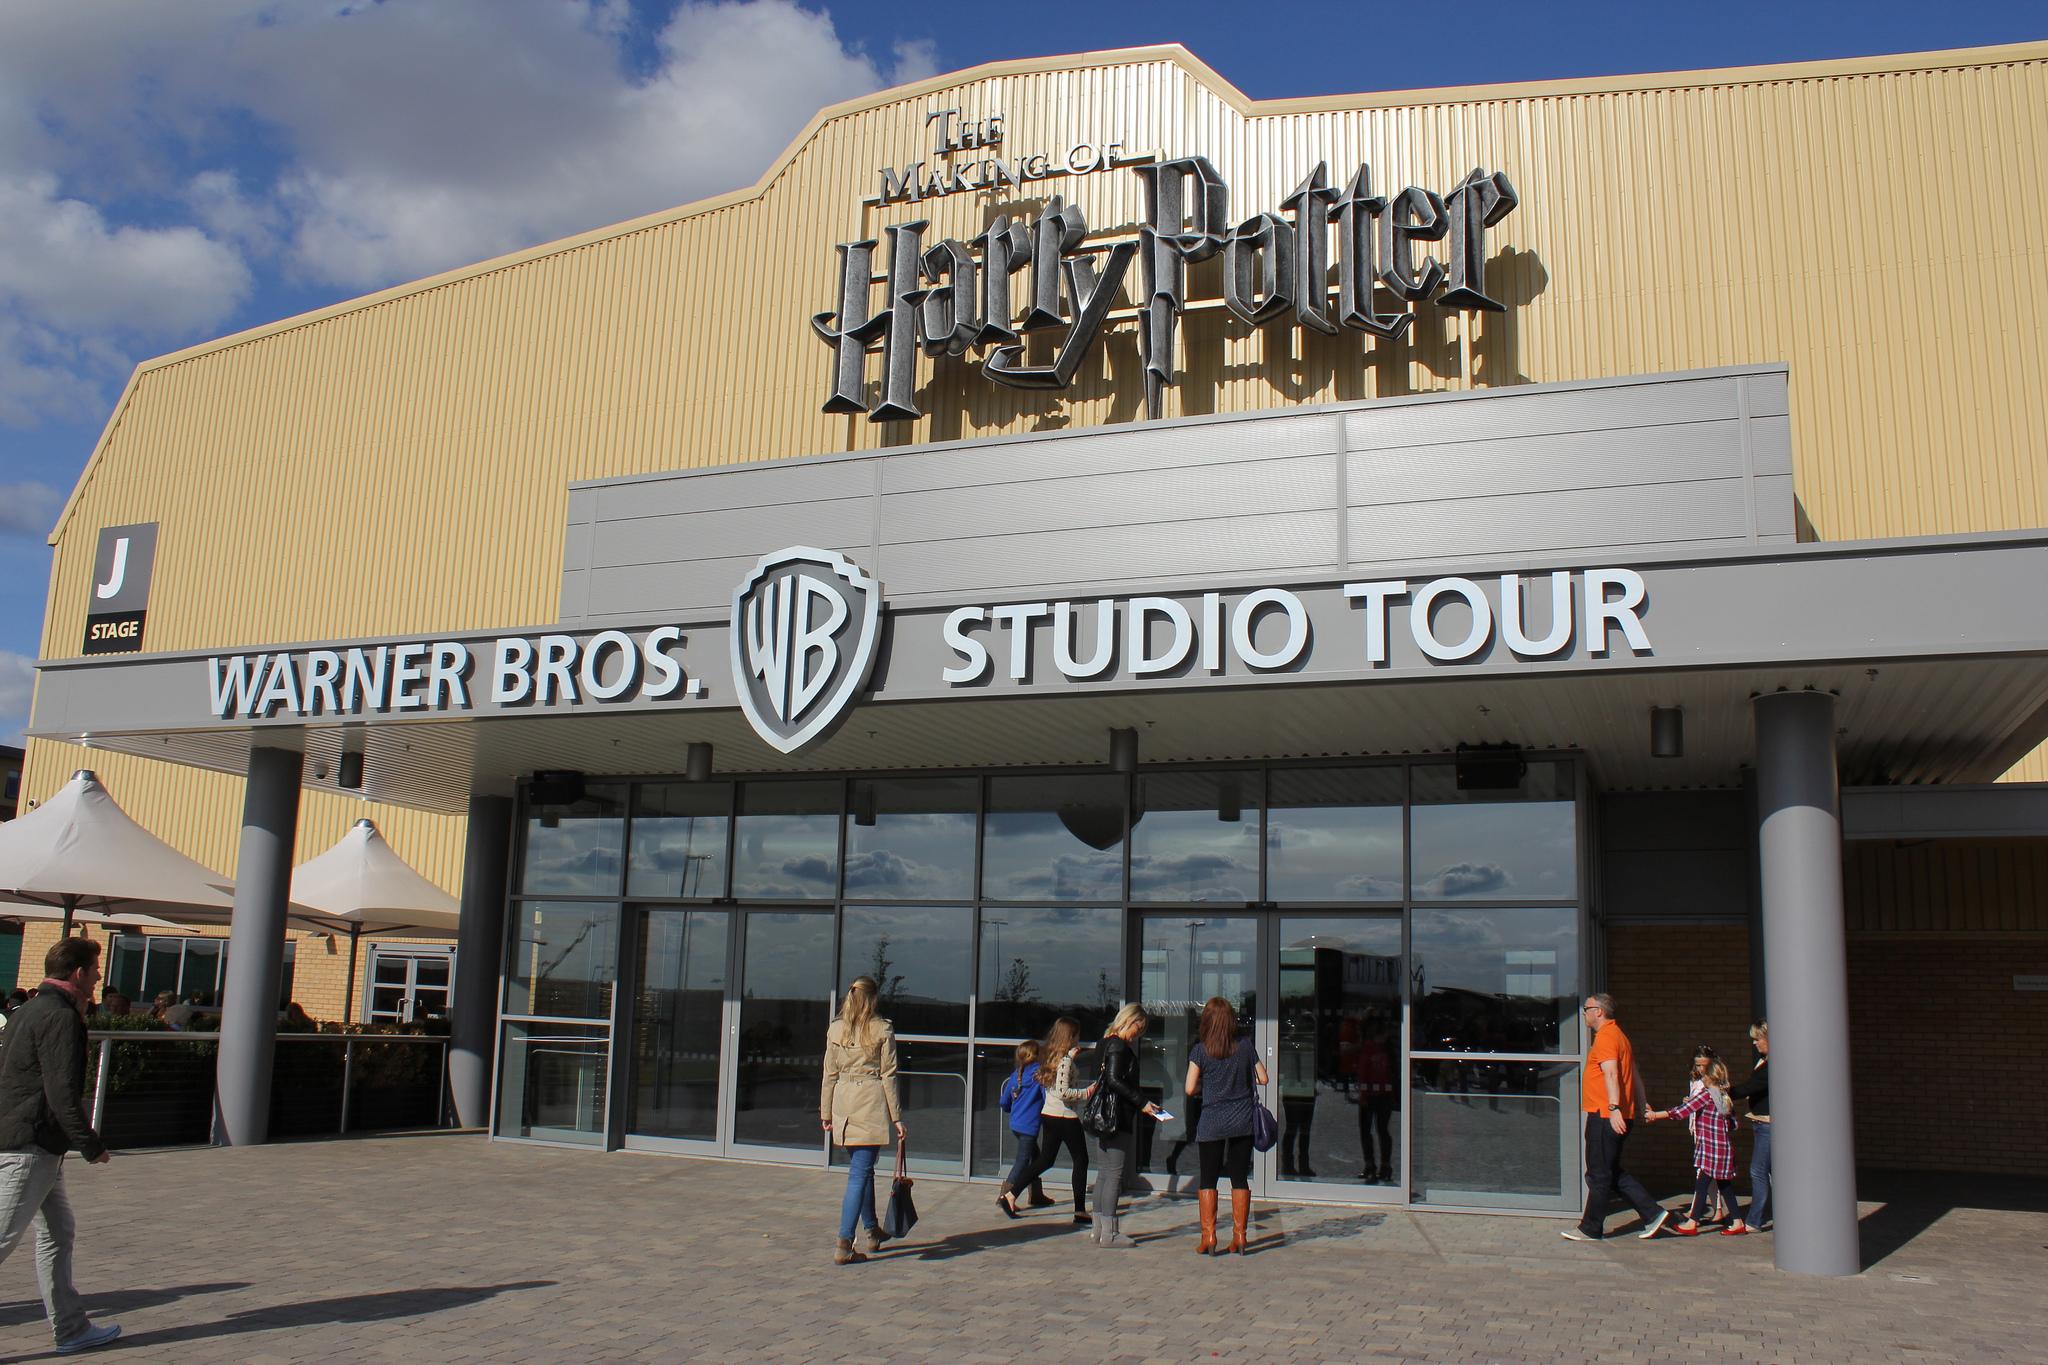 b11 Открыто для магглов: путеводитель для фанатов Гарри Поттера